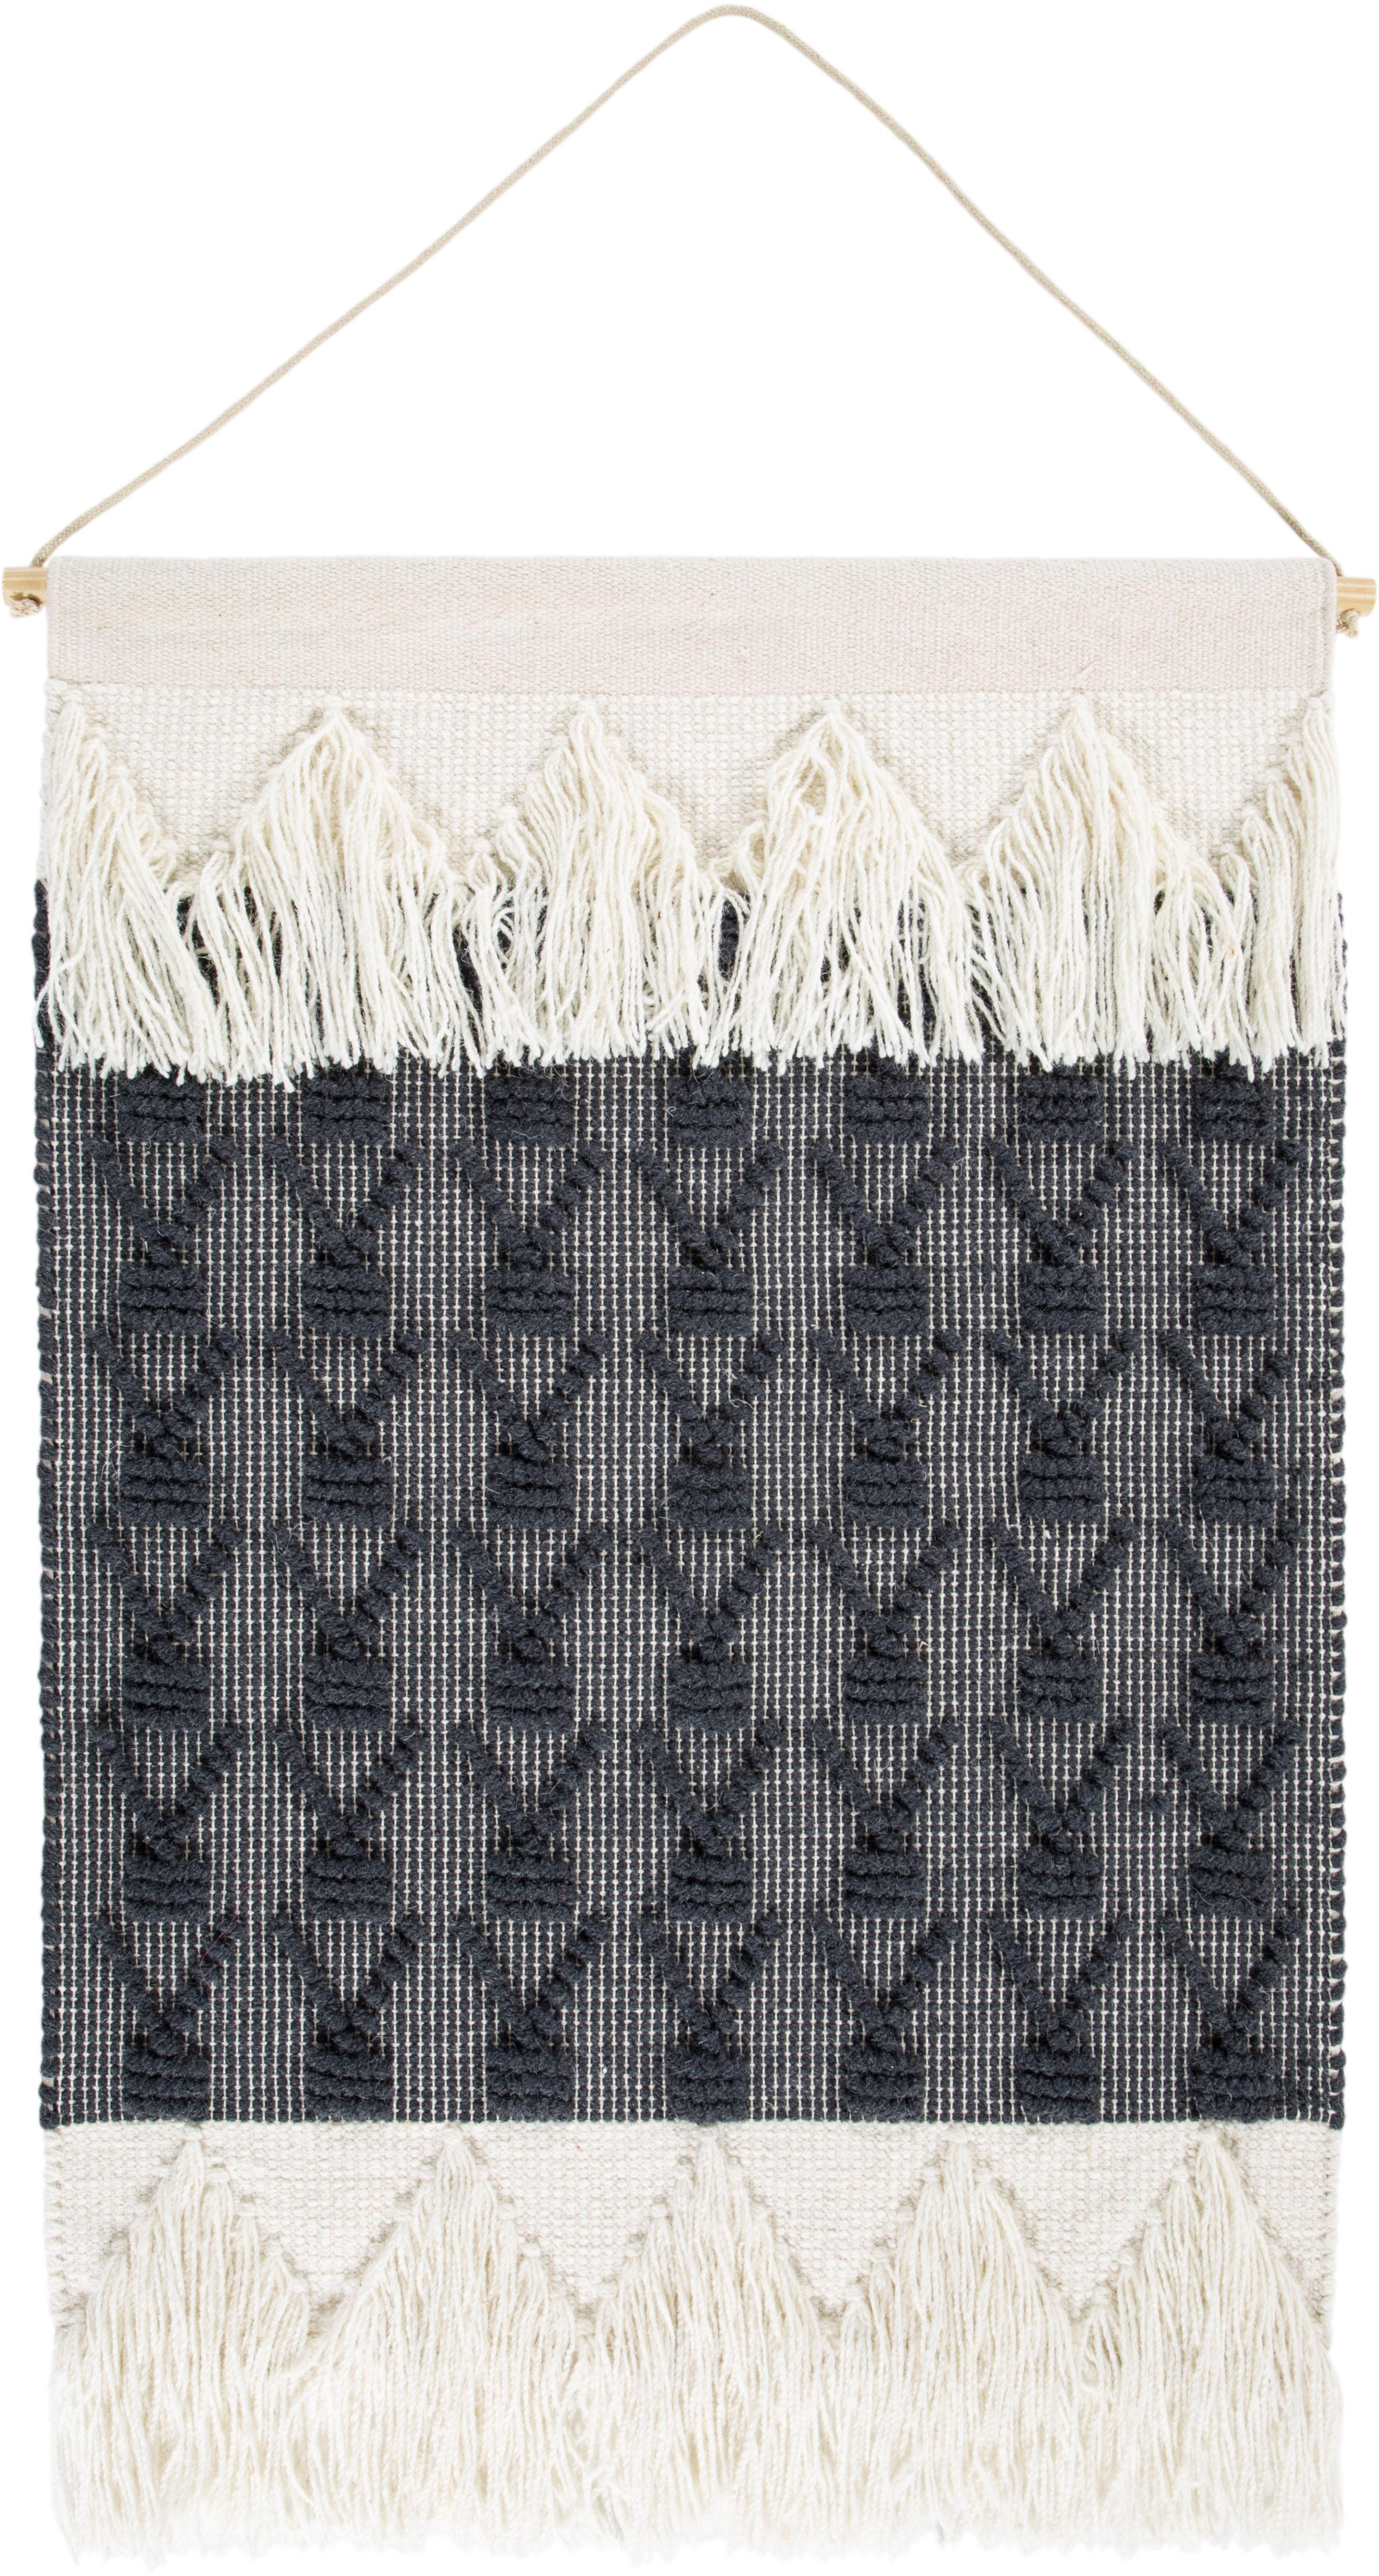 Wandteppich Skagen 1 LUXOR living rechteckig Höhe 10 mm handgewebt | Heimtextilien > Teppiche > Wandteppich | Luxor Living